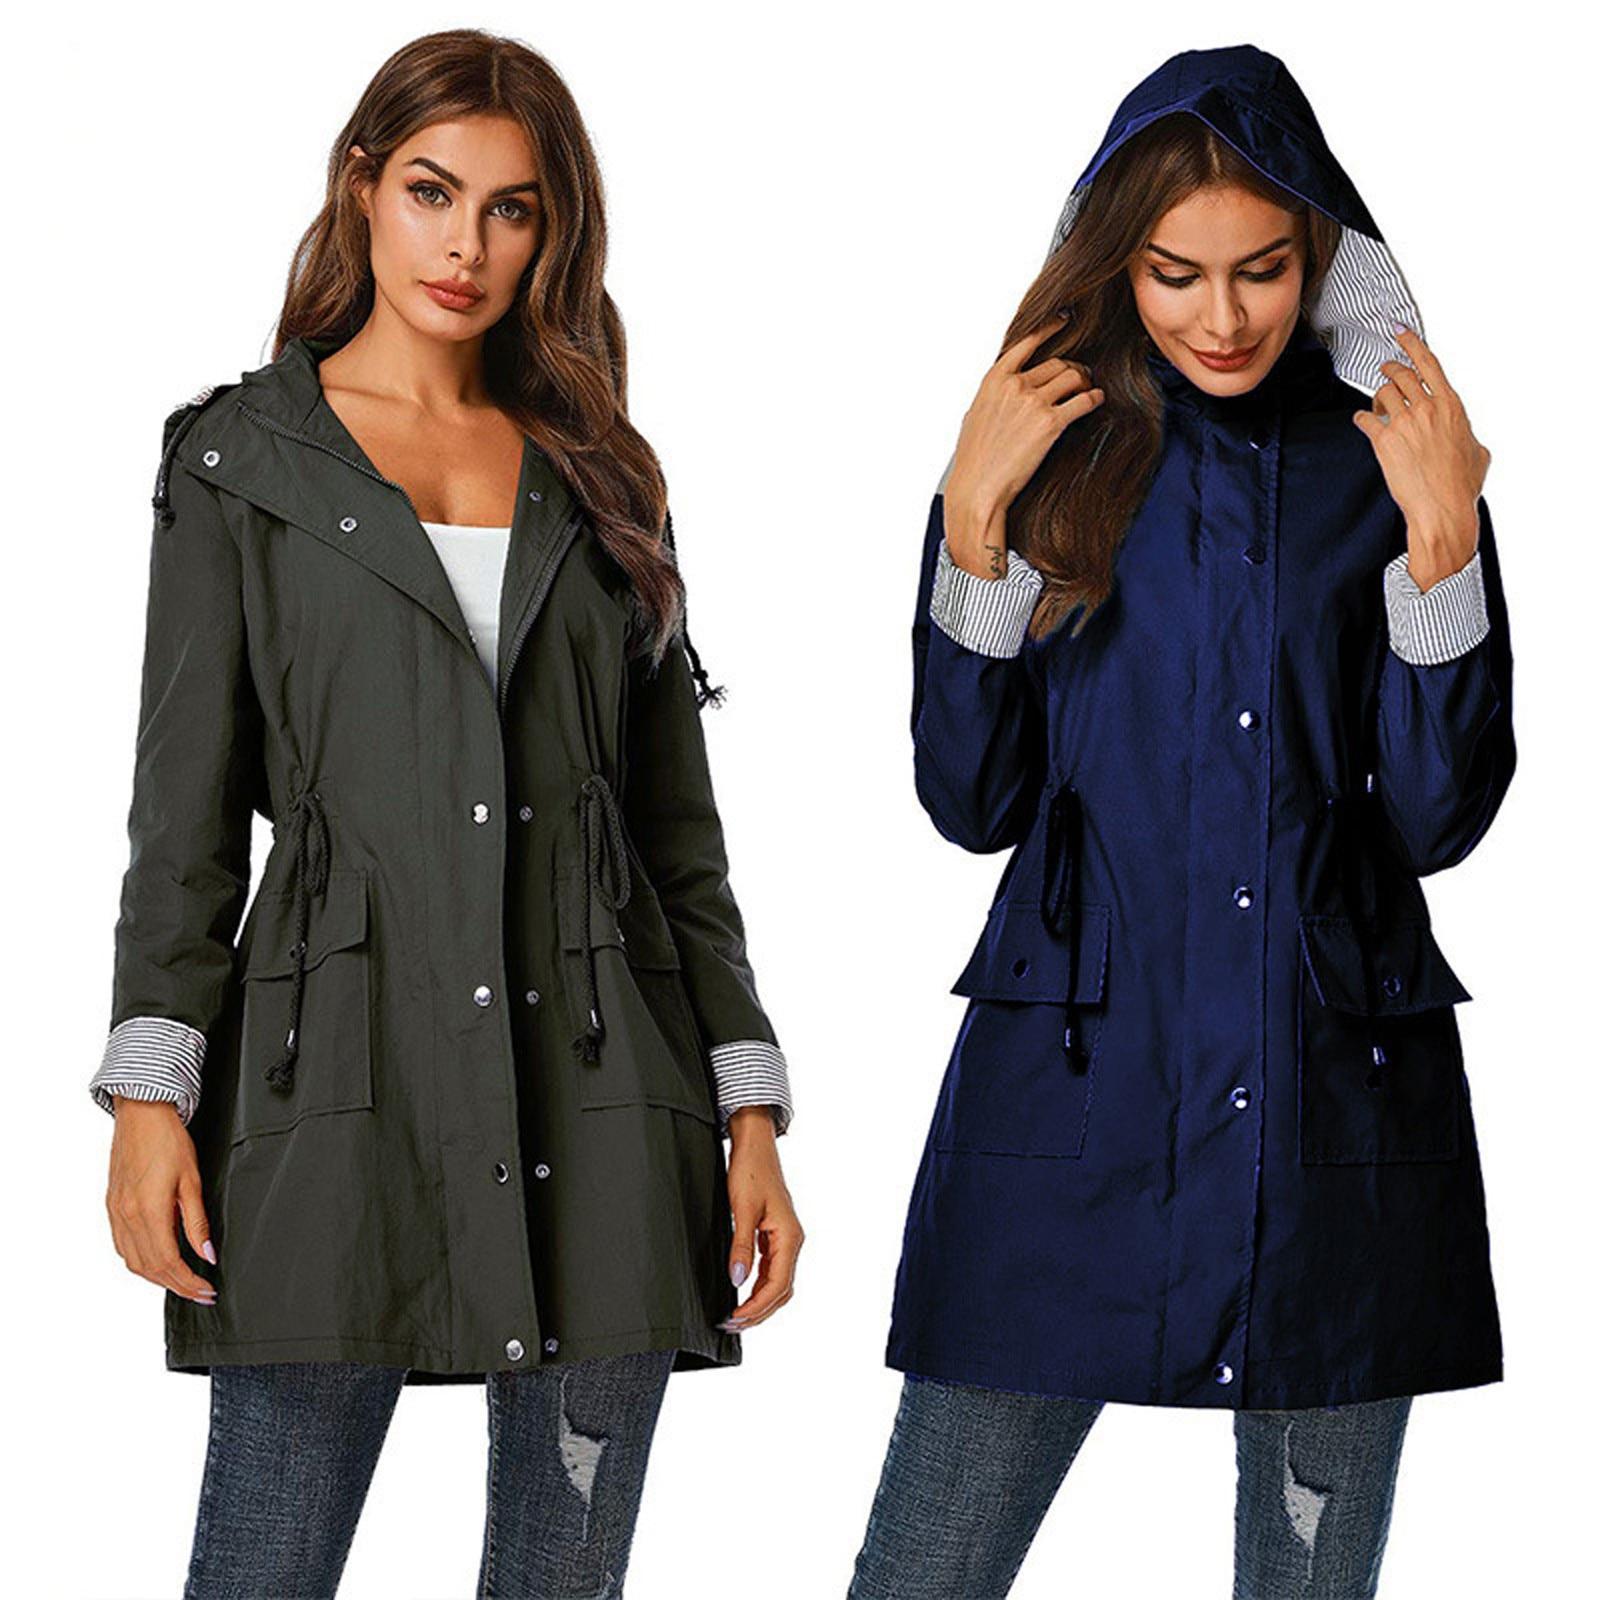 Куртка женская непромокаемая со съемным капюшоном, уличное пальто для прогулок и походов, повседневная верхняя одежда